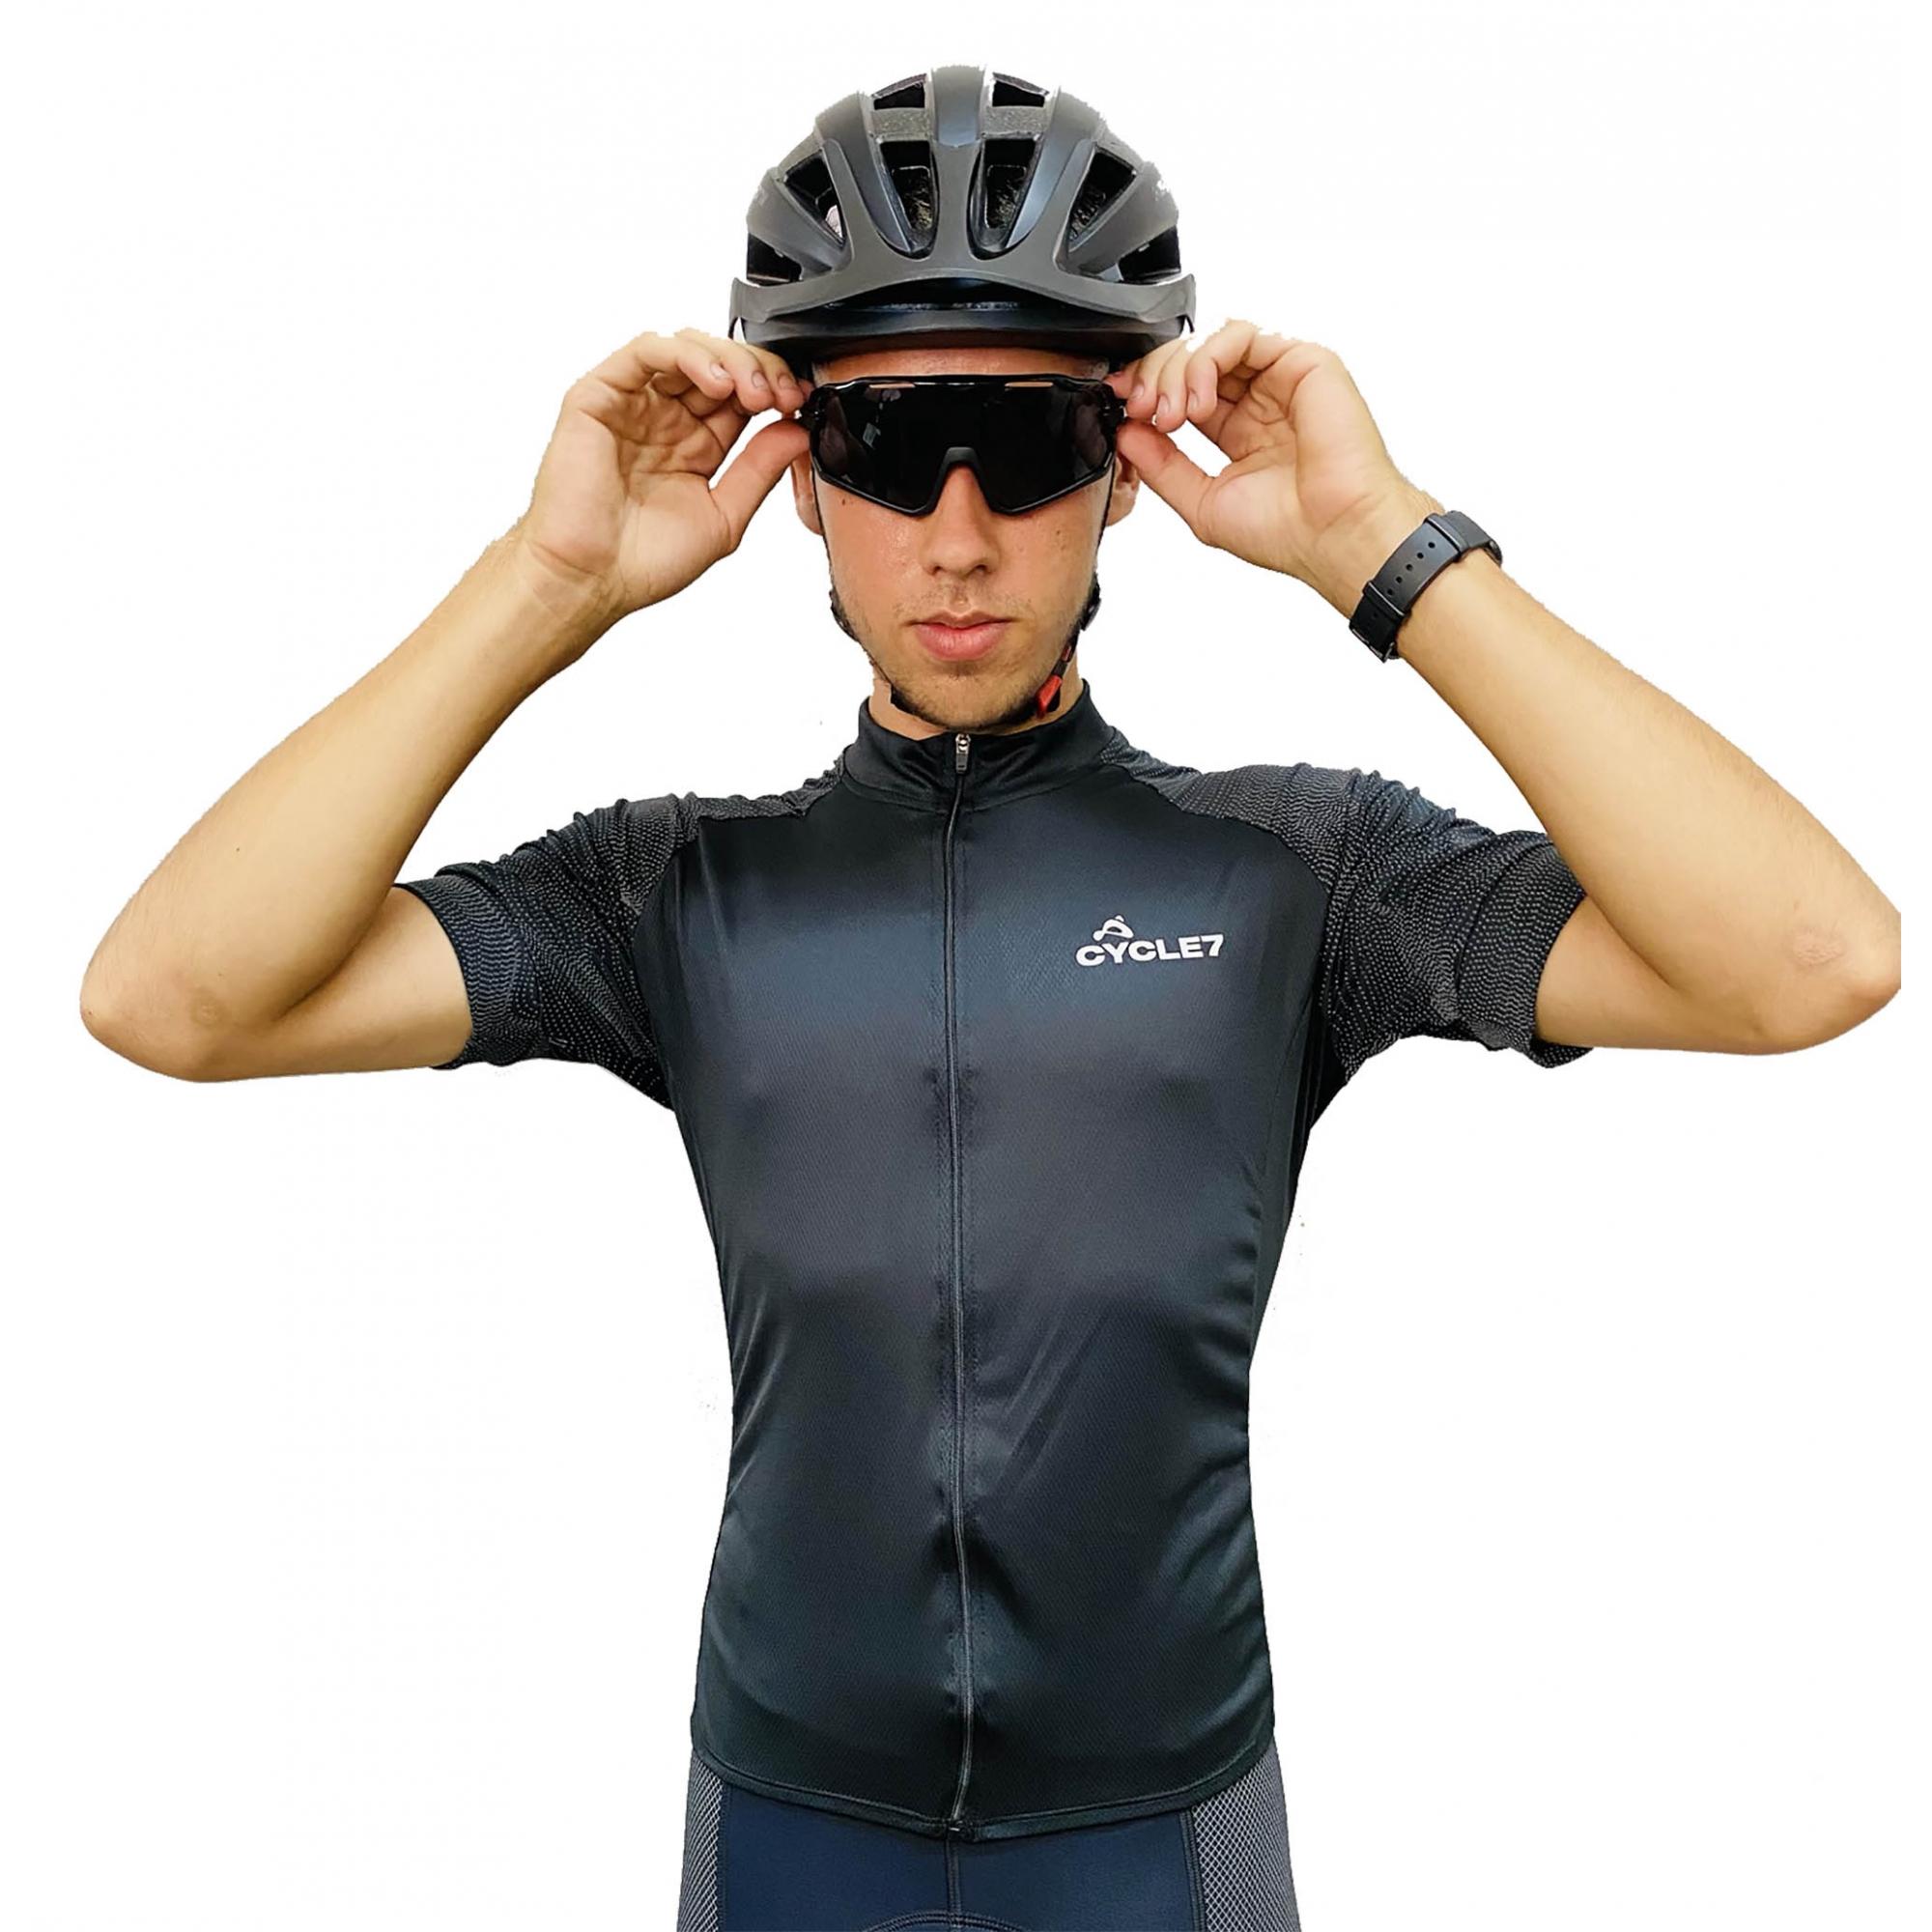 Camisa Ciclismo Com Mangas Refletivas - Cycle 7